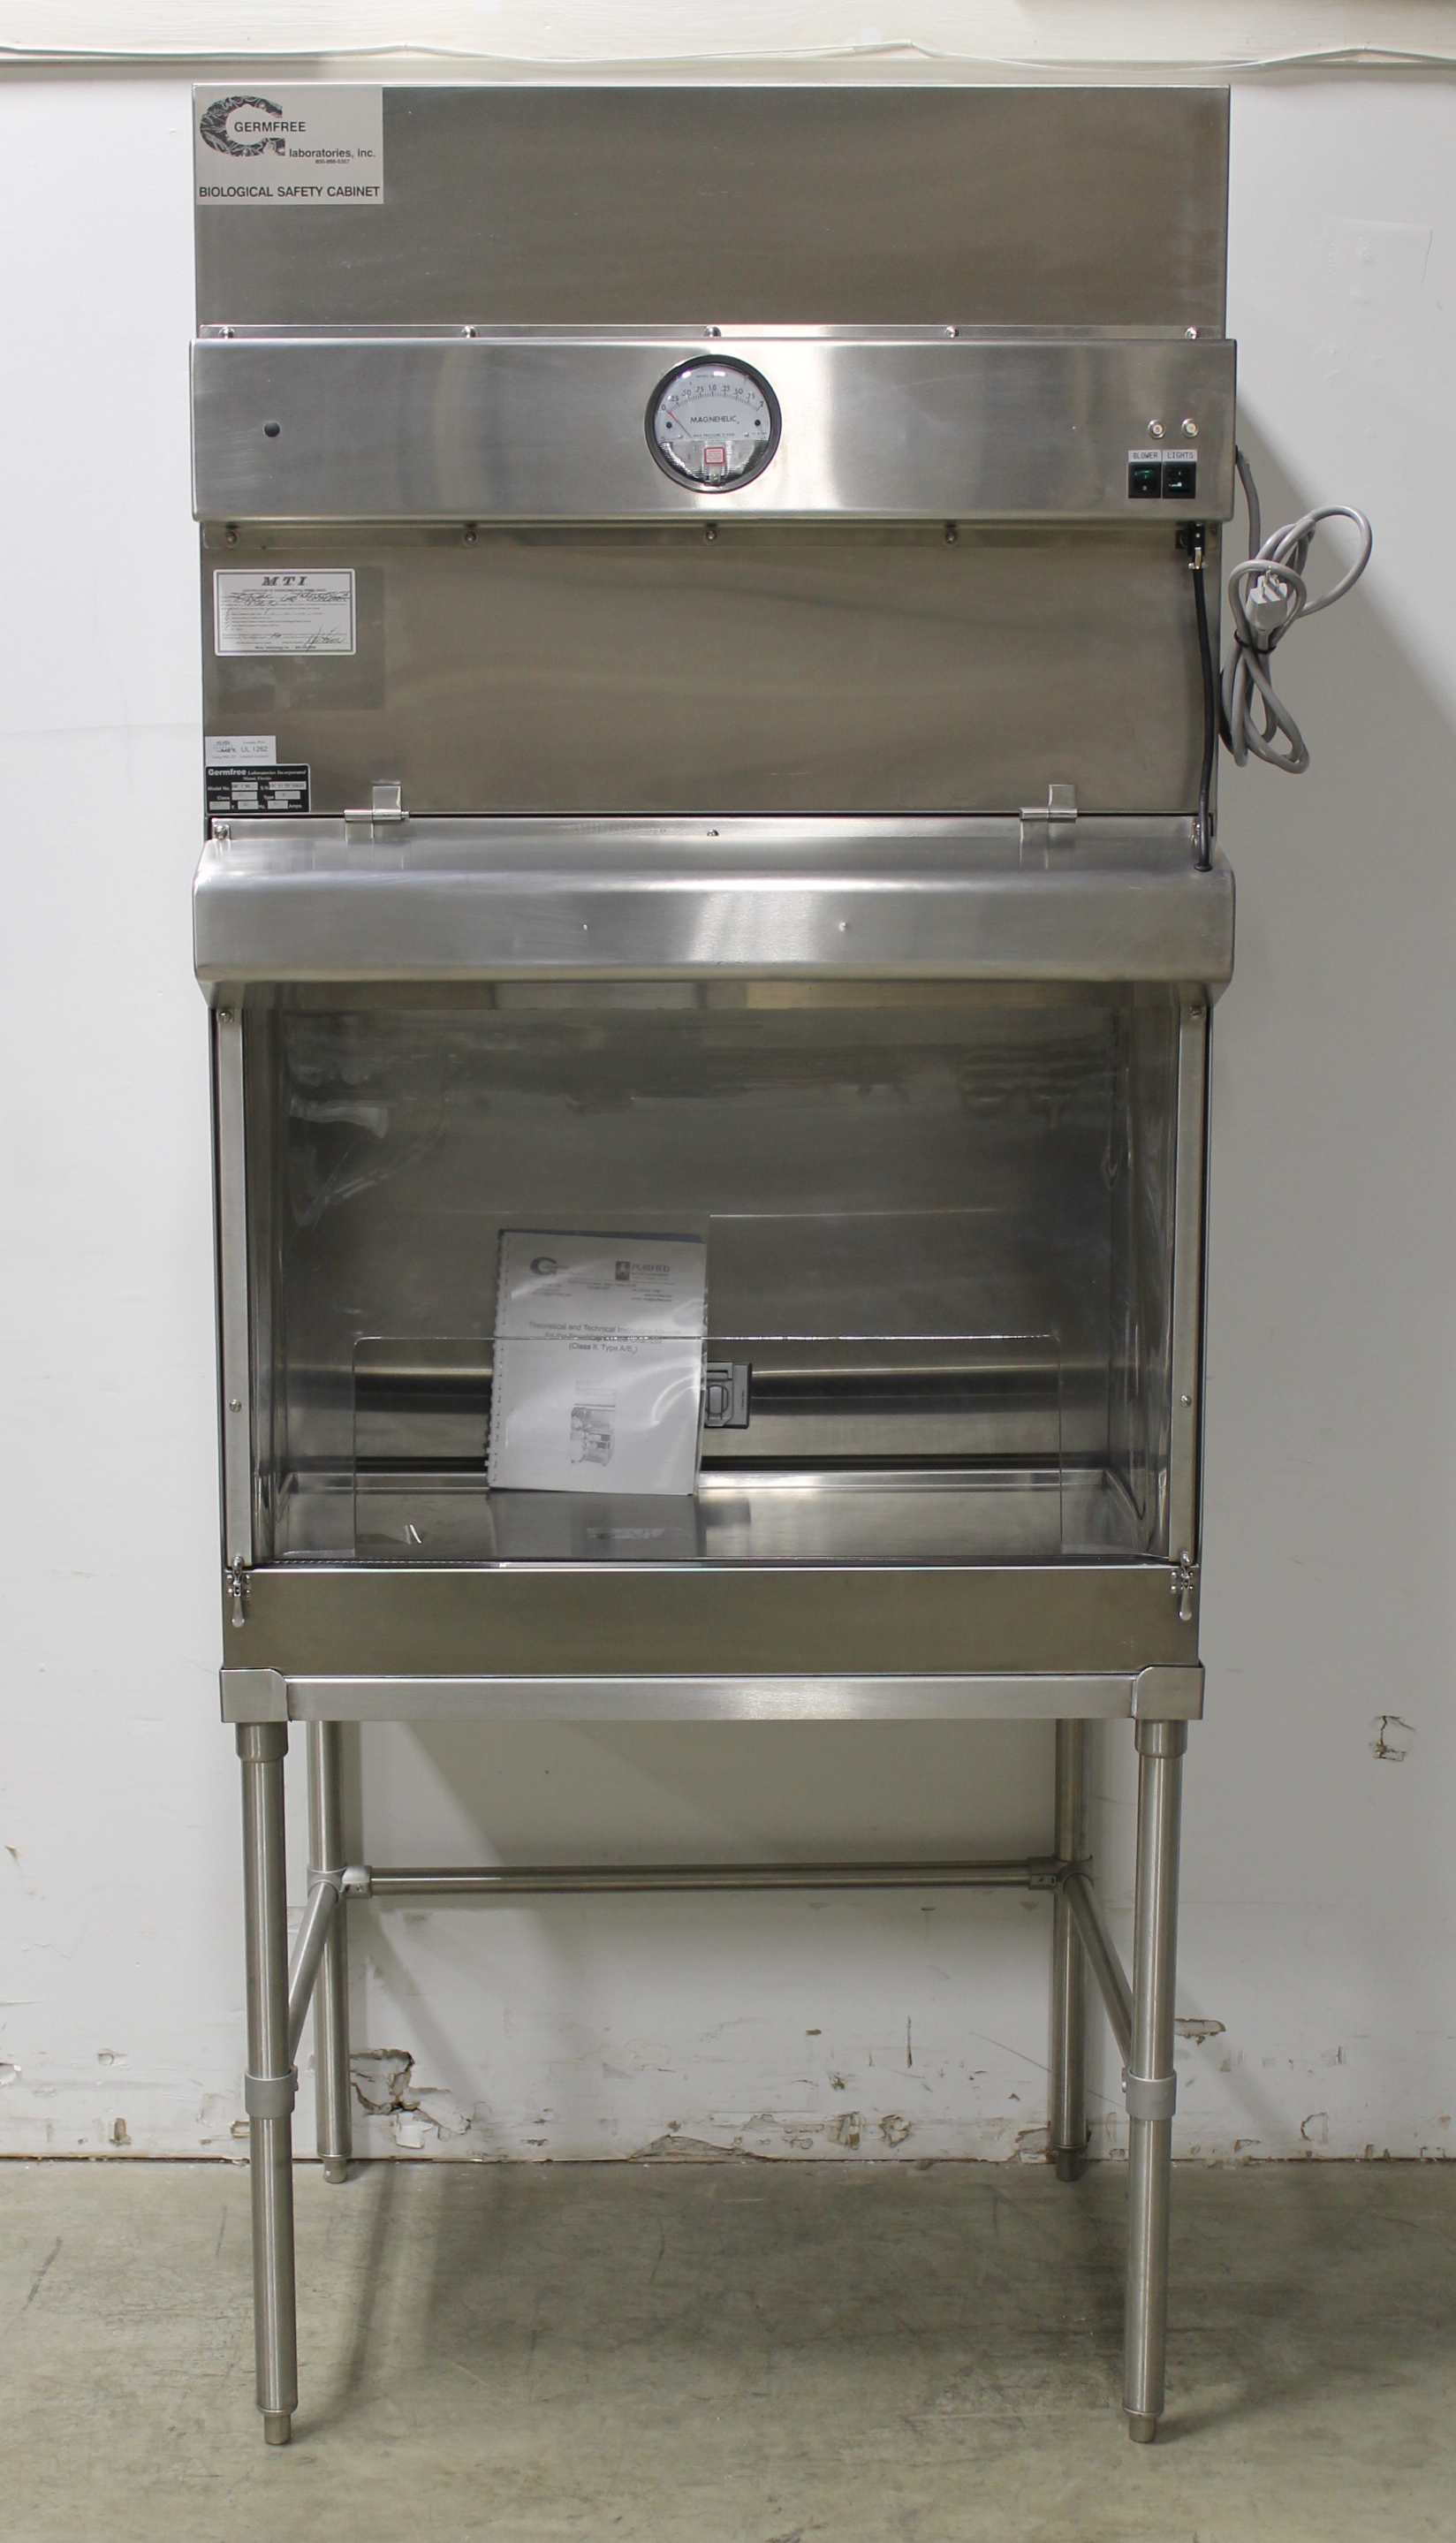 Refurbished Germfree Biological Safety Cabinet Model Bbf